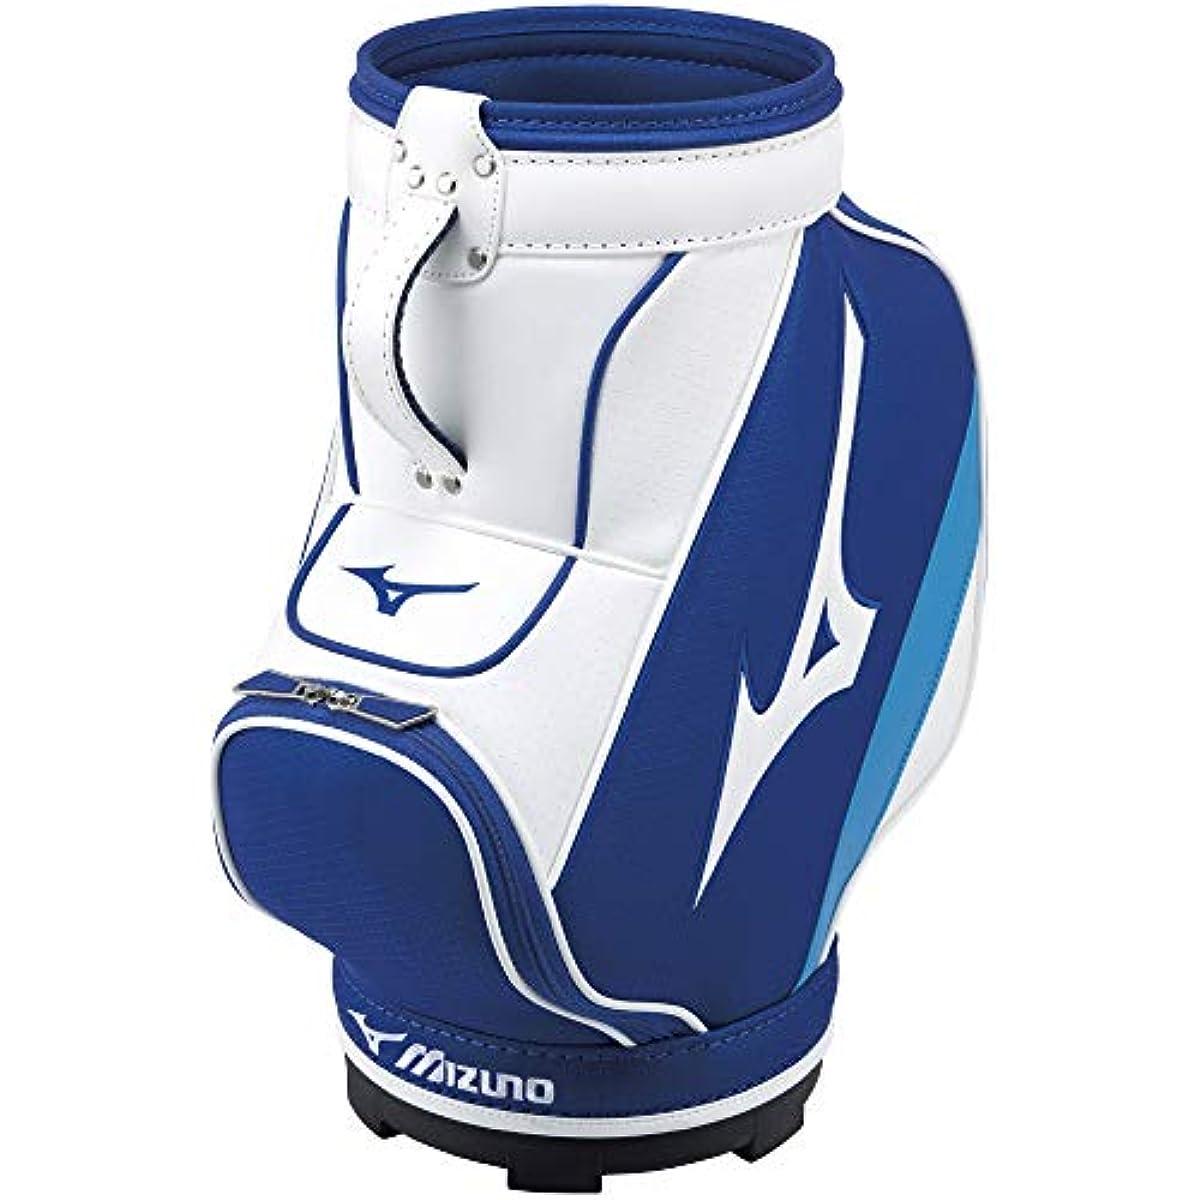 [해외] MIZUNO(미즈노) 골프 수납 케이스 투어 화이트 타입 맨즈 23×23×50CM 화이트×네이비 5LJD202100